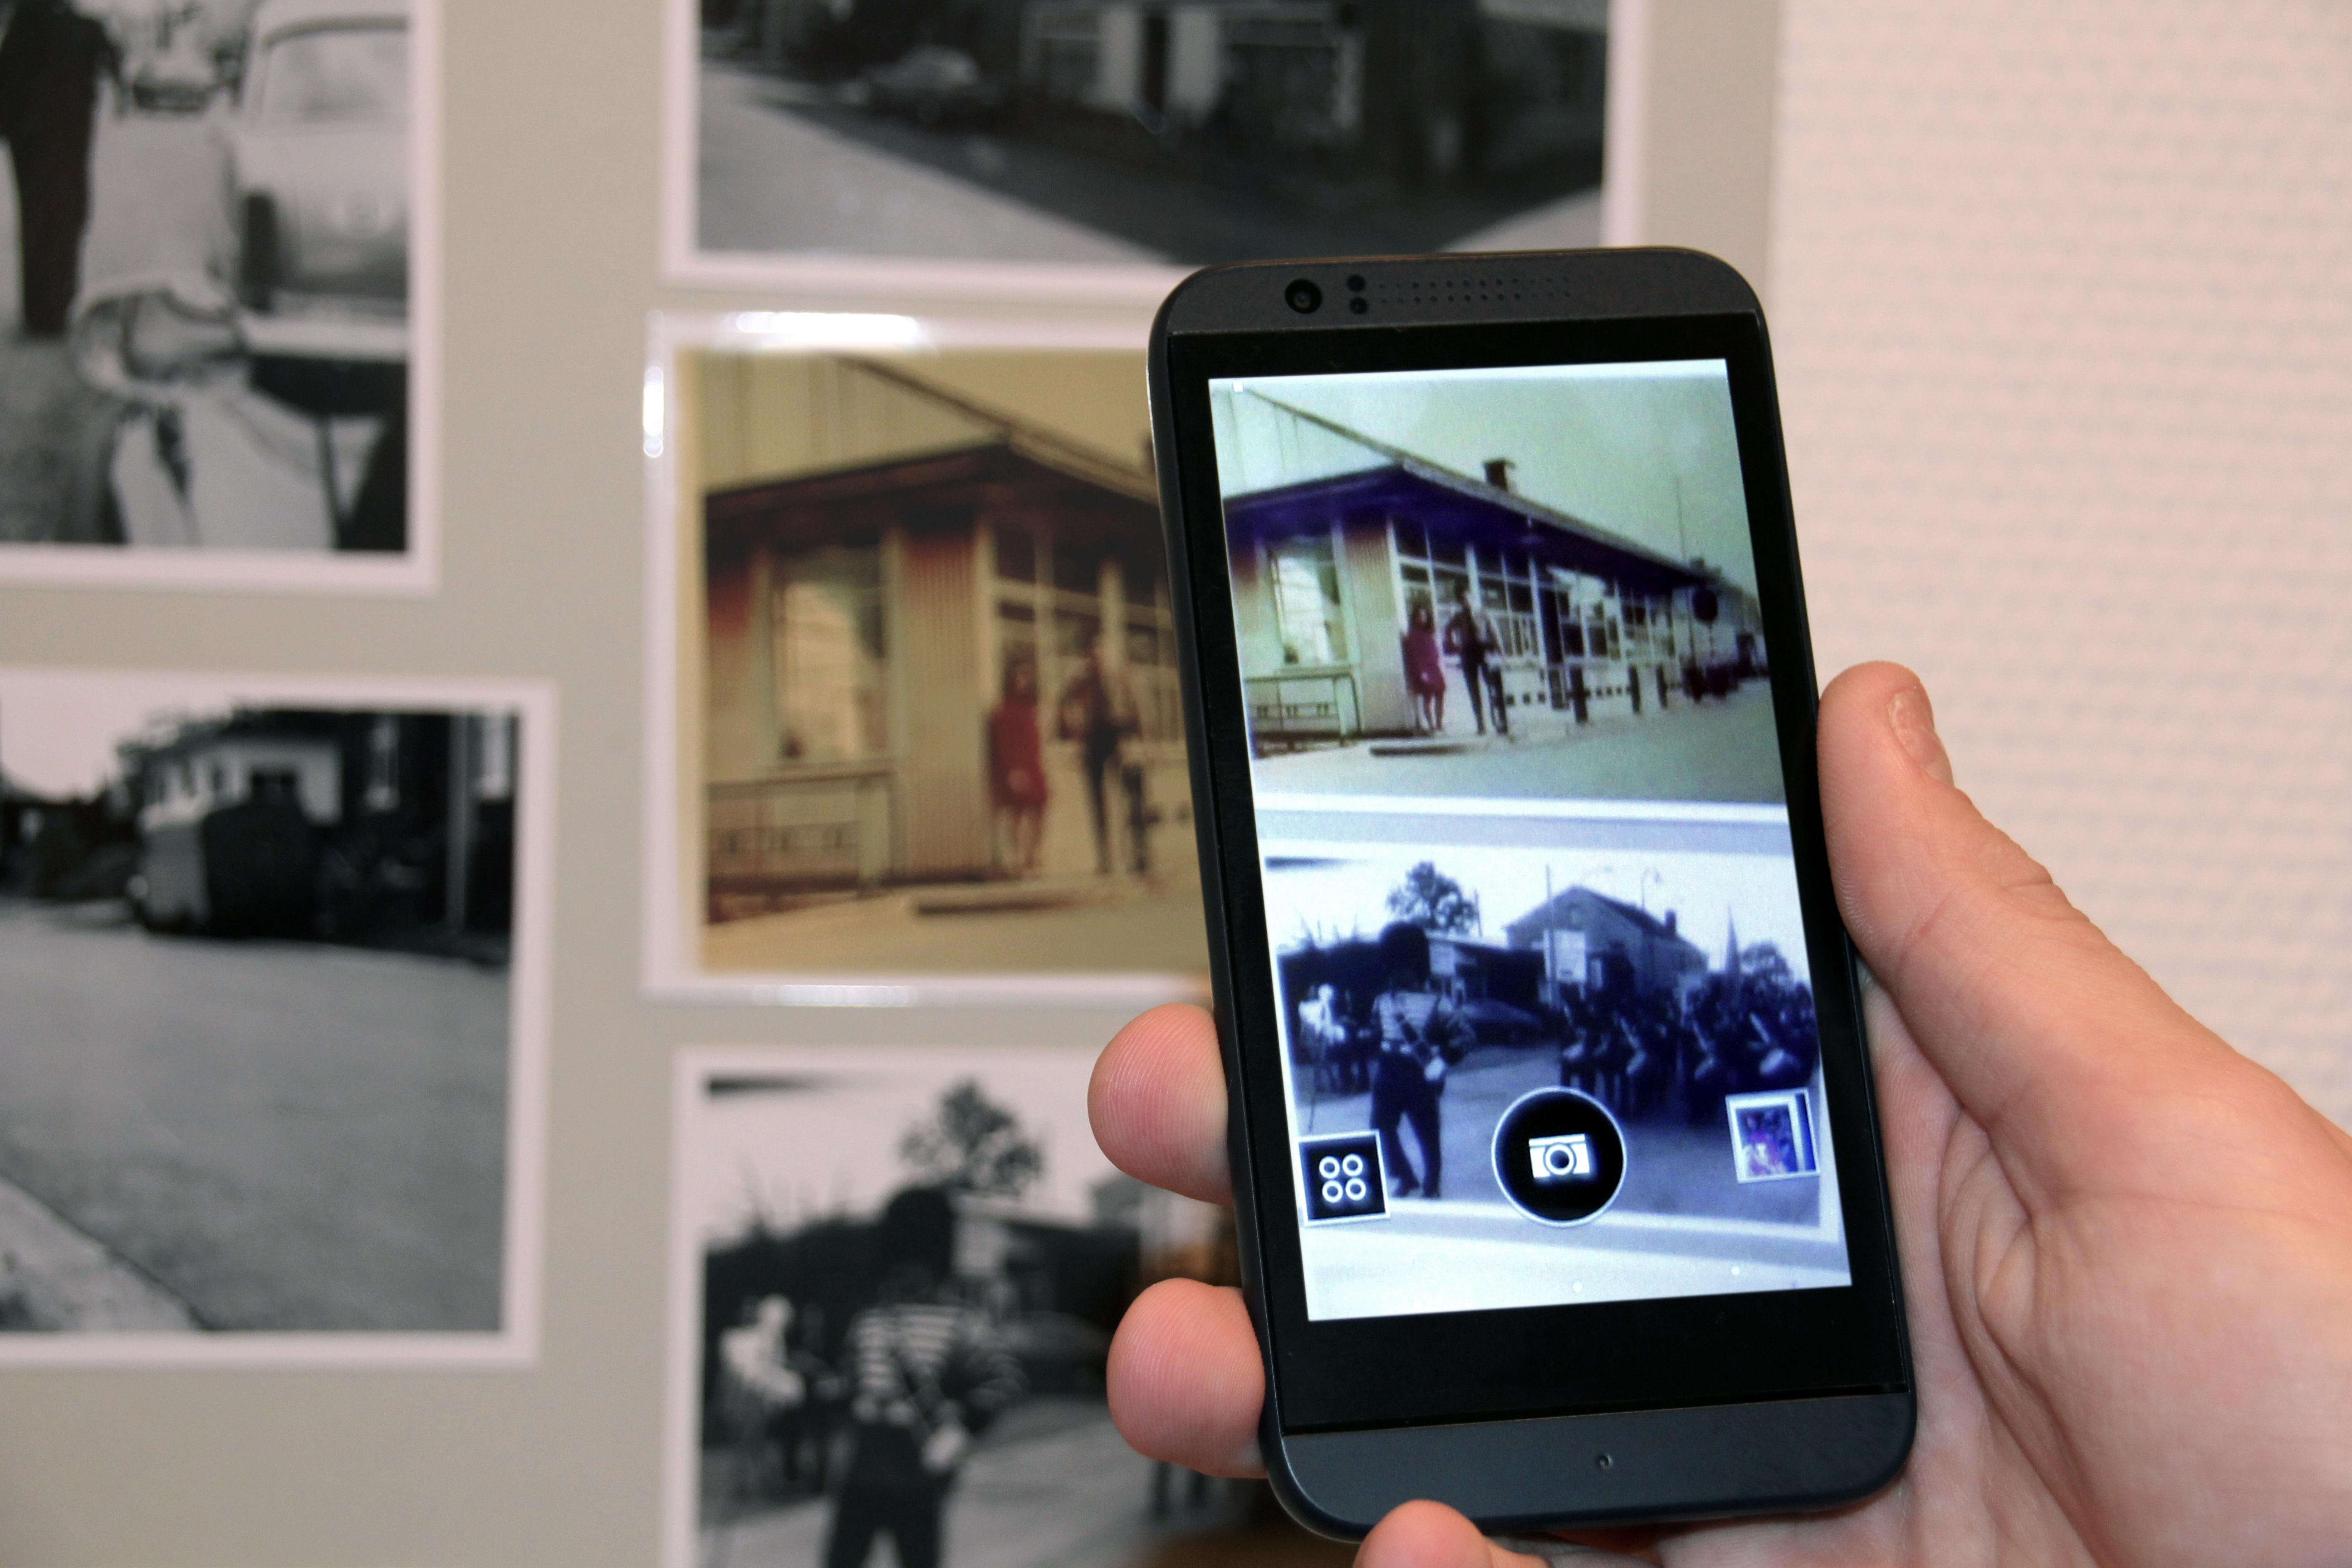 свою исчезают фото из галереи смартфона чаще белый, что